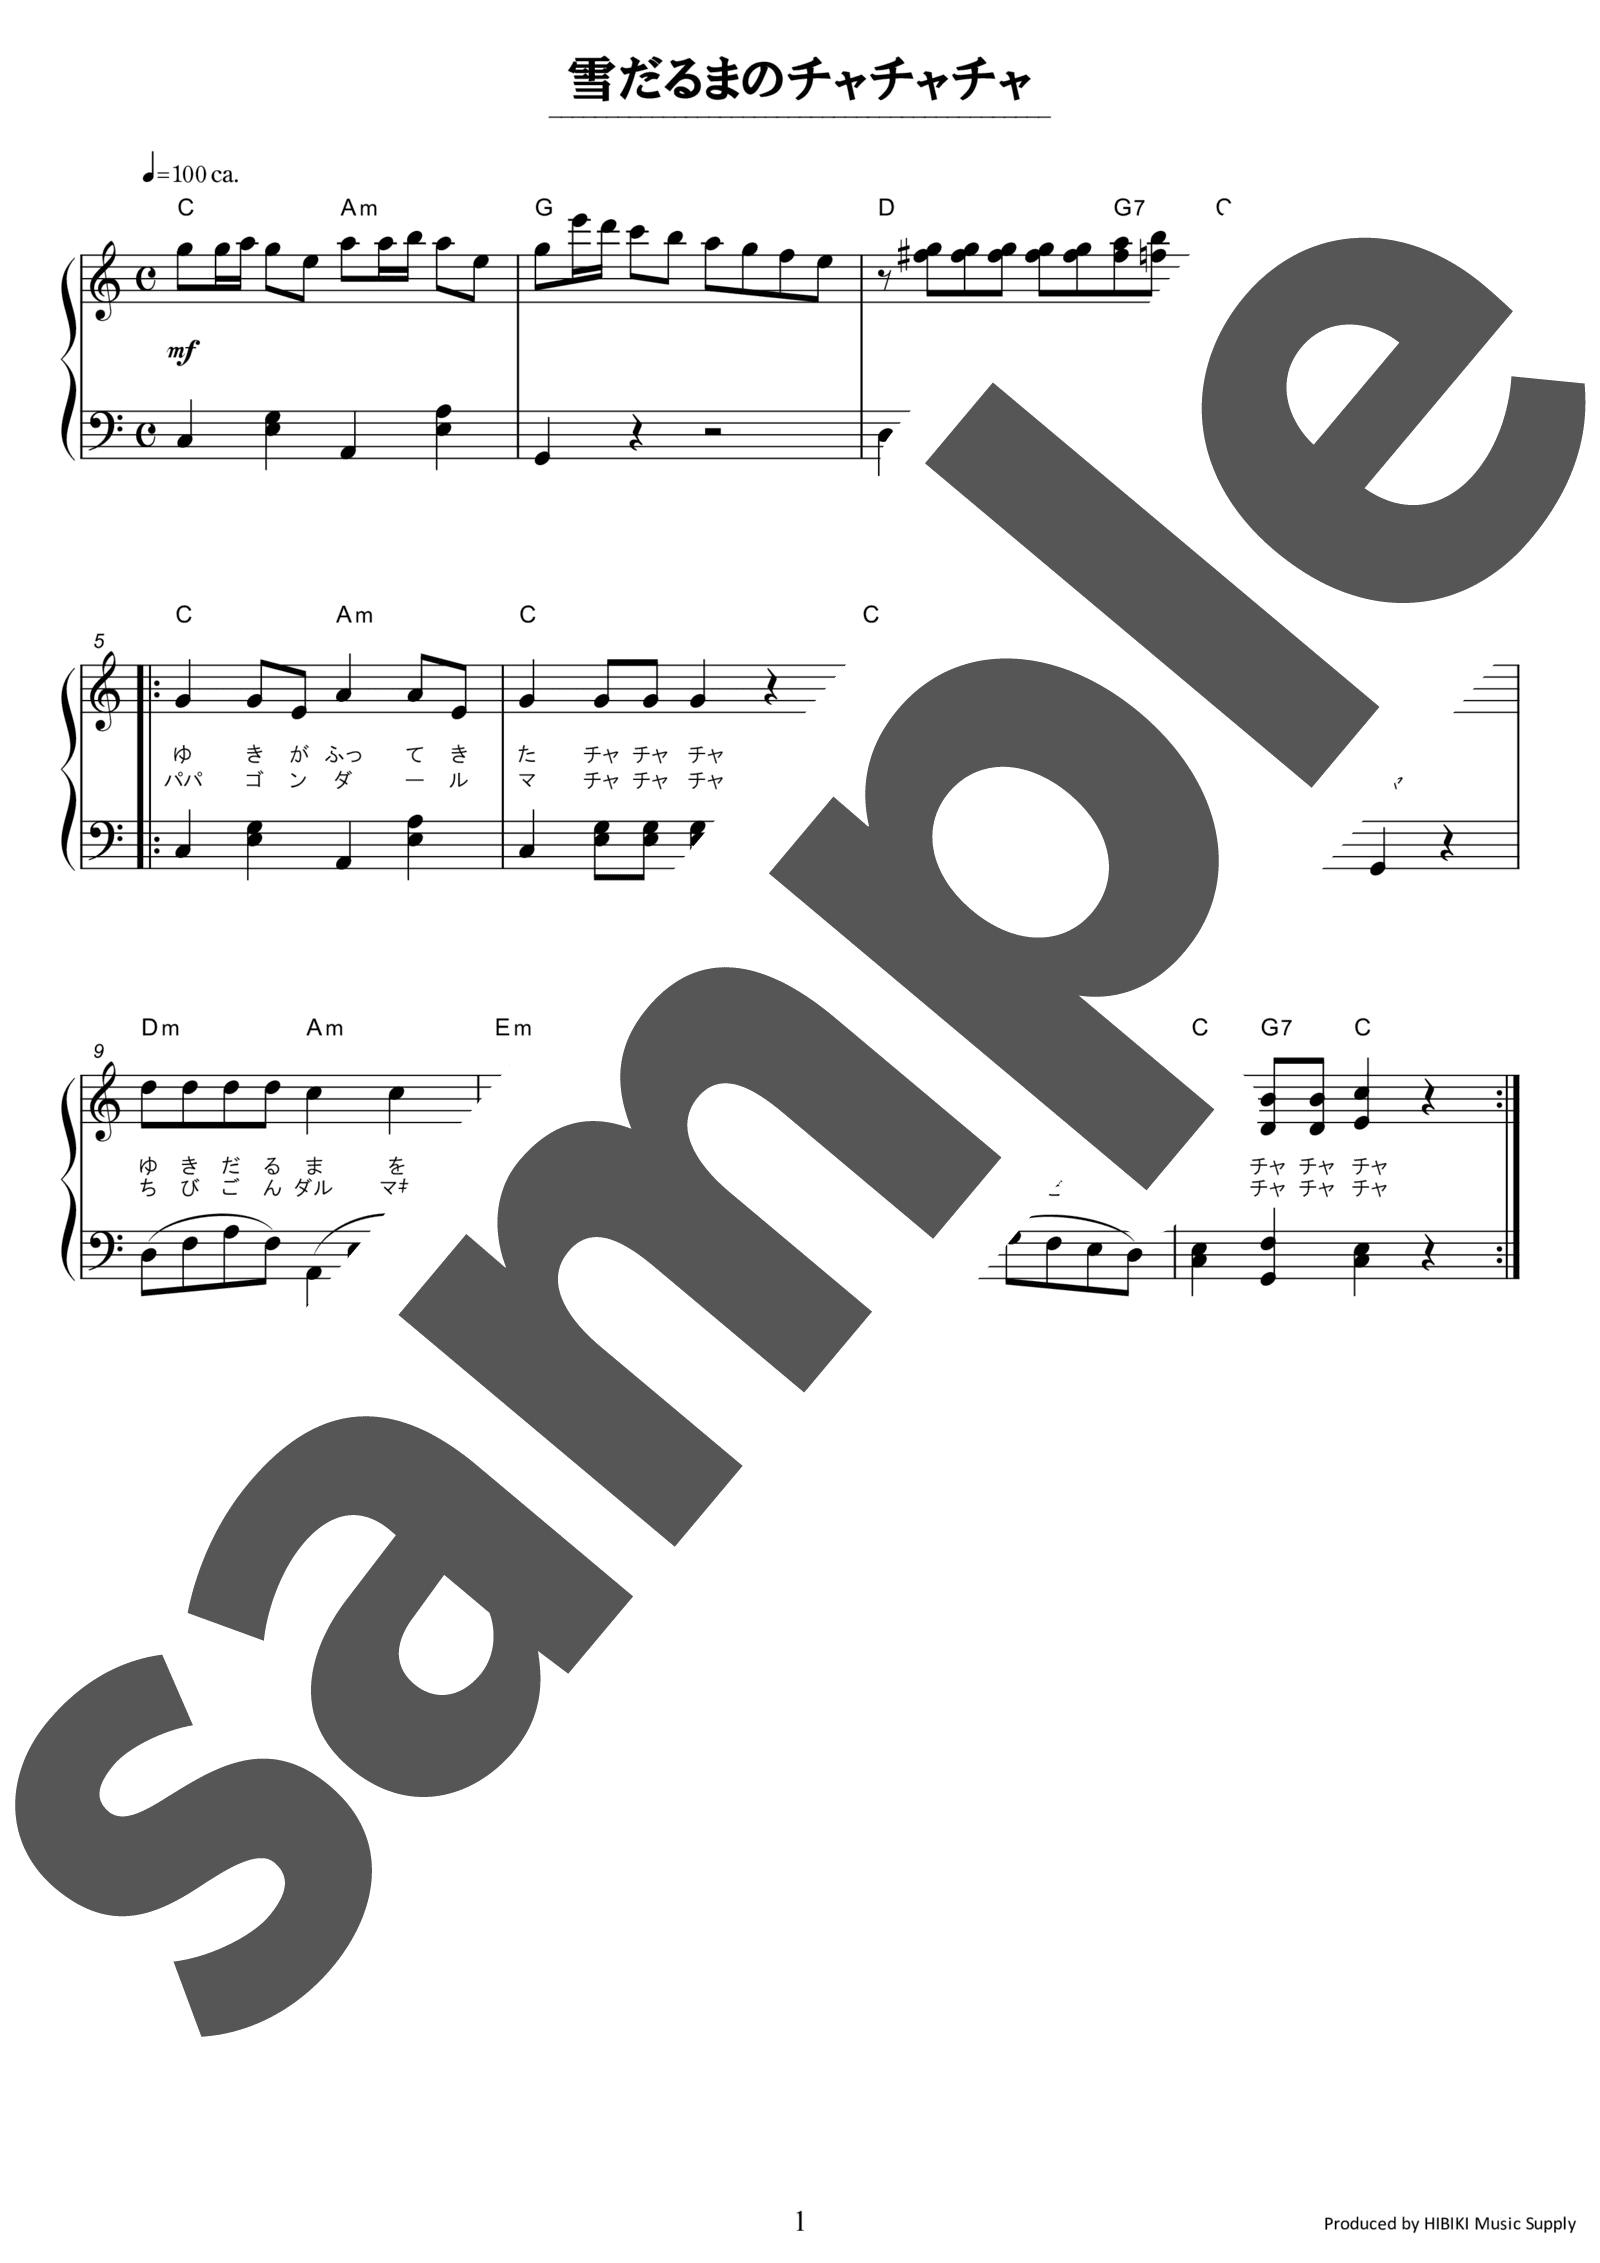 「雪だるまのチャチャチャ」のサンプル楽譜